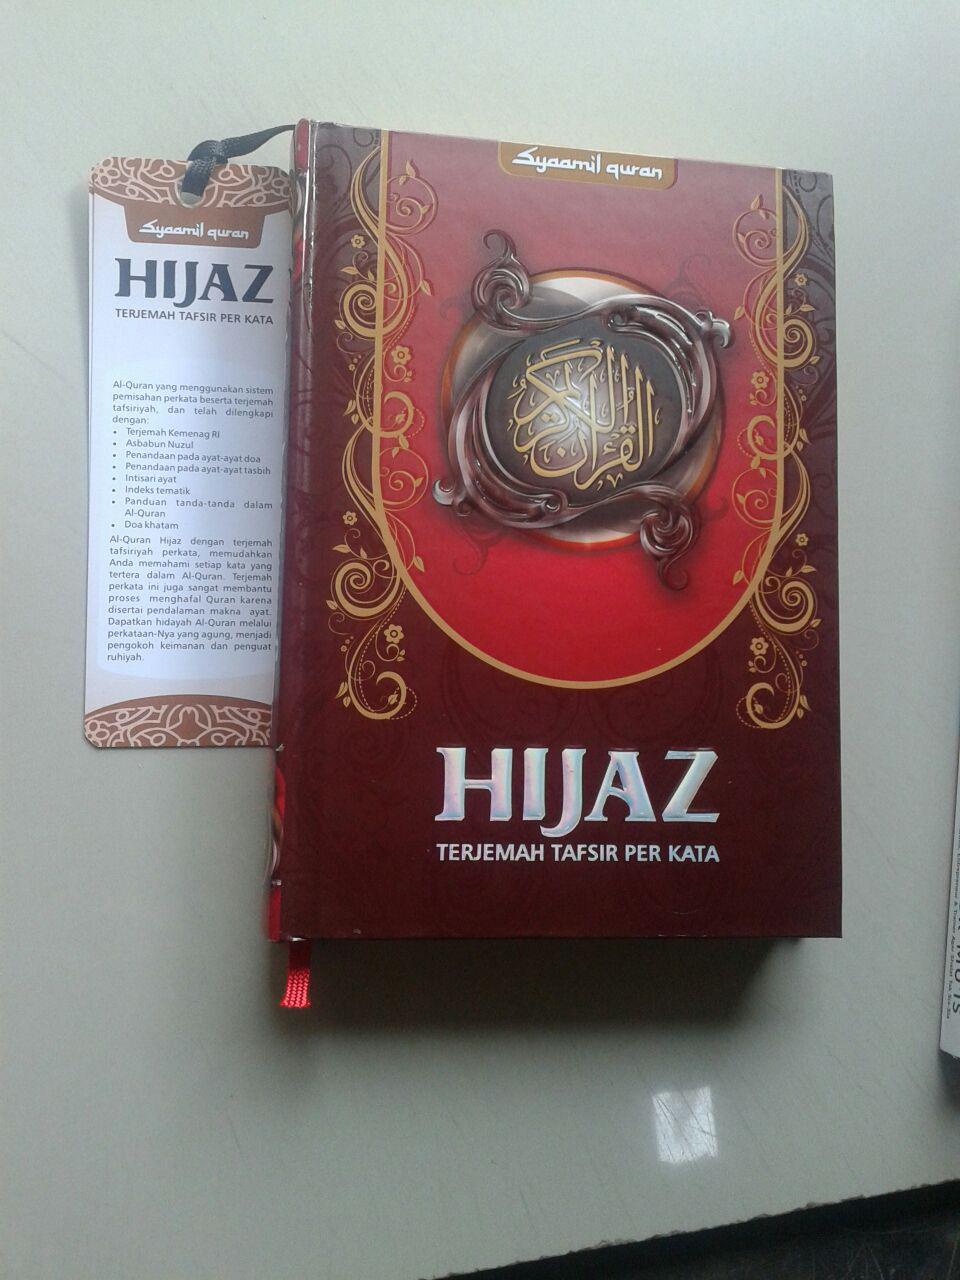 Al-Qur'an Syaamil Terjemah Tafsir Perkata Versi Hijaz Ukuran Kecil cover